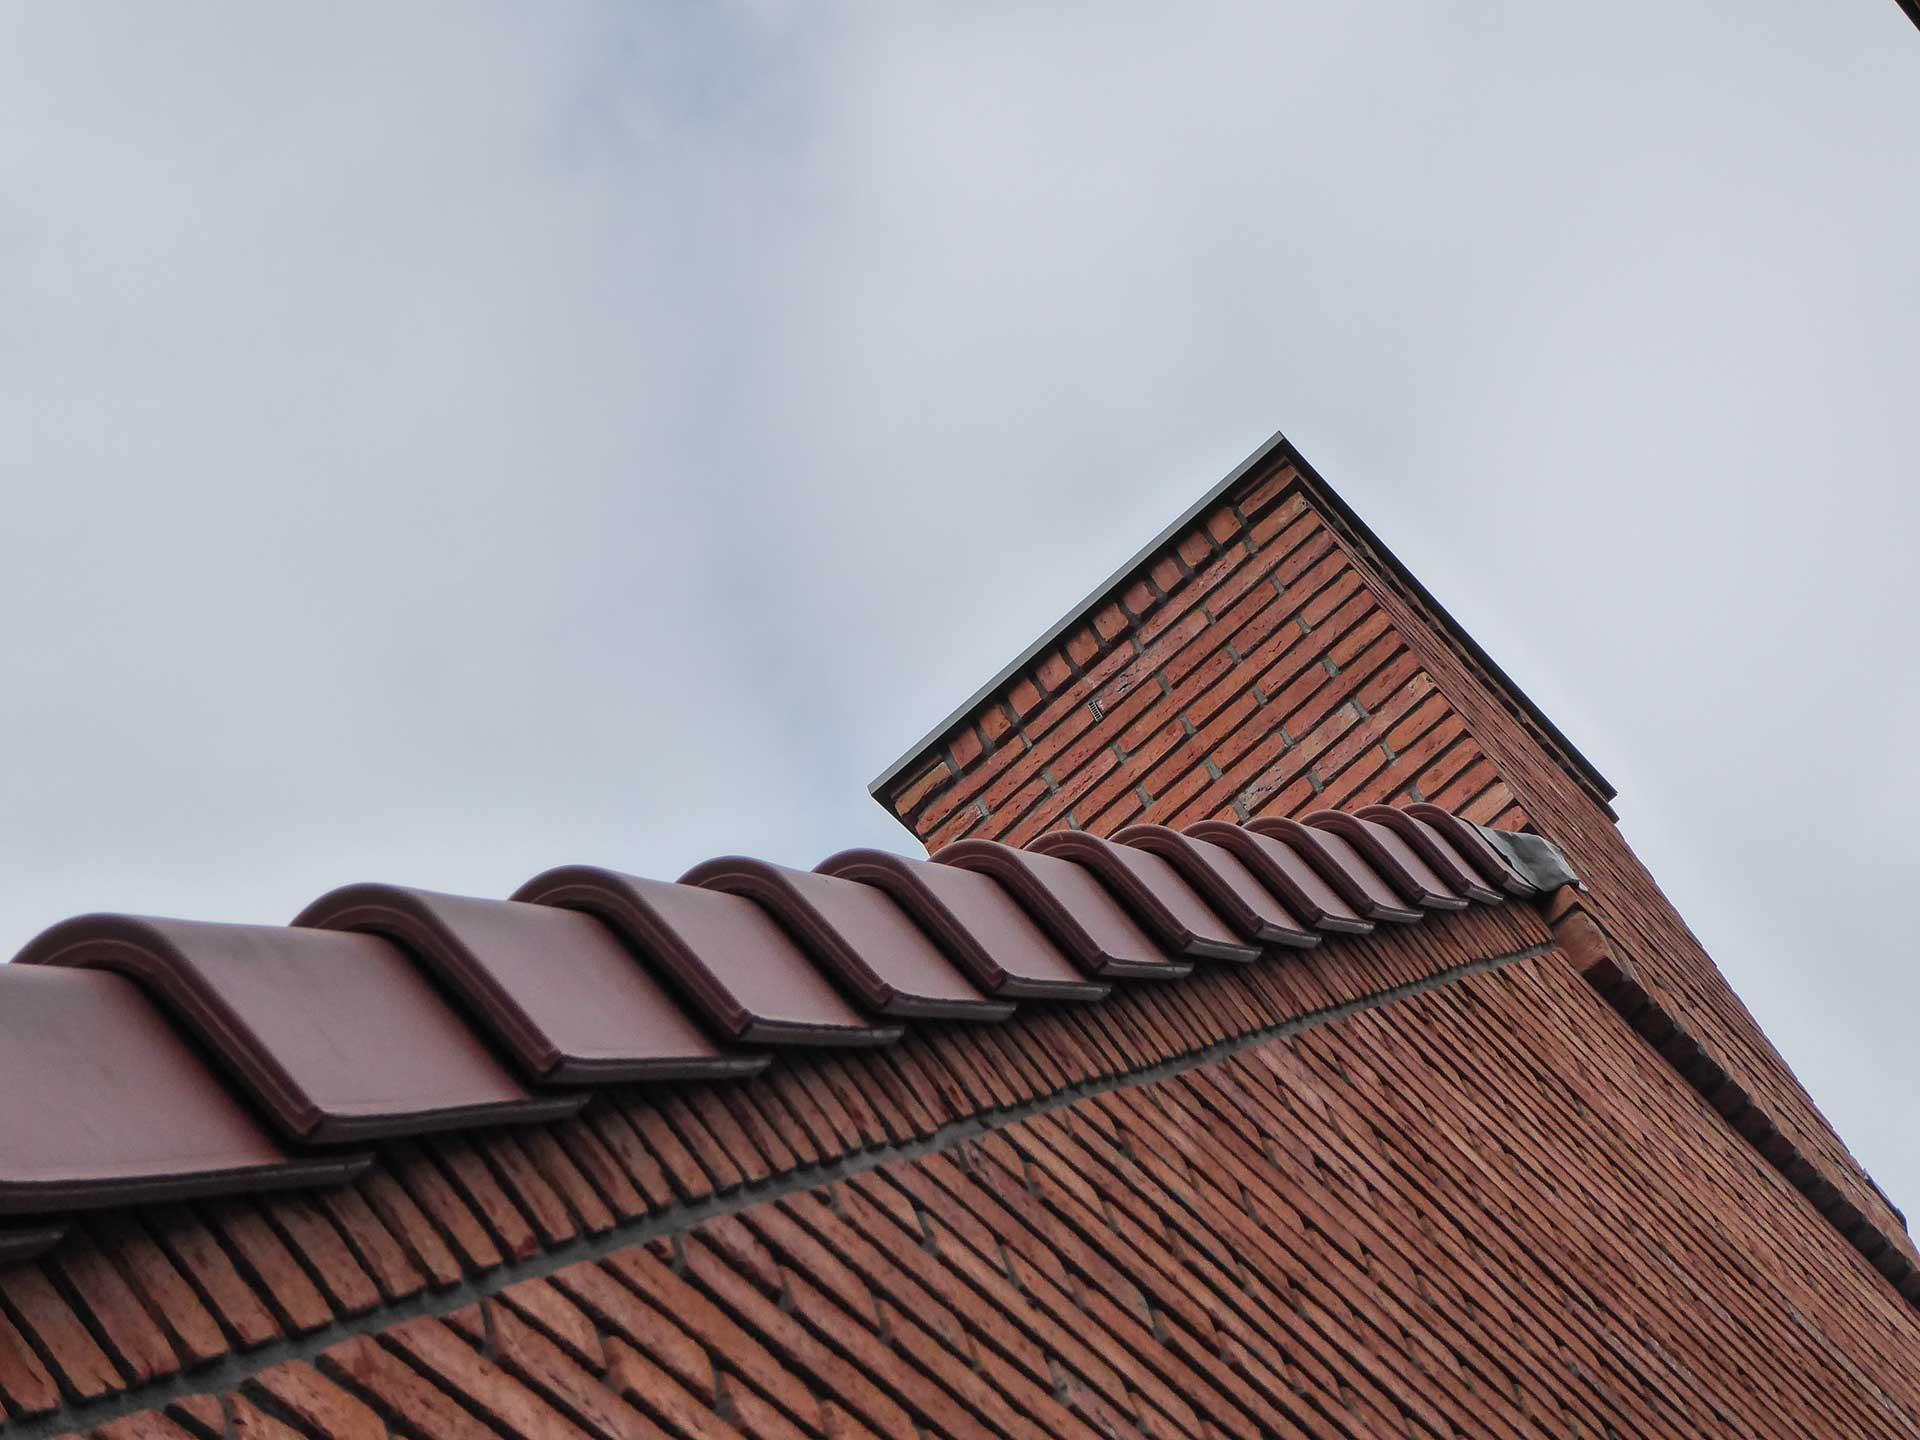 Havenbuurt Zaandam onderaanzicht van gevel met rode baksteen en dak